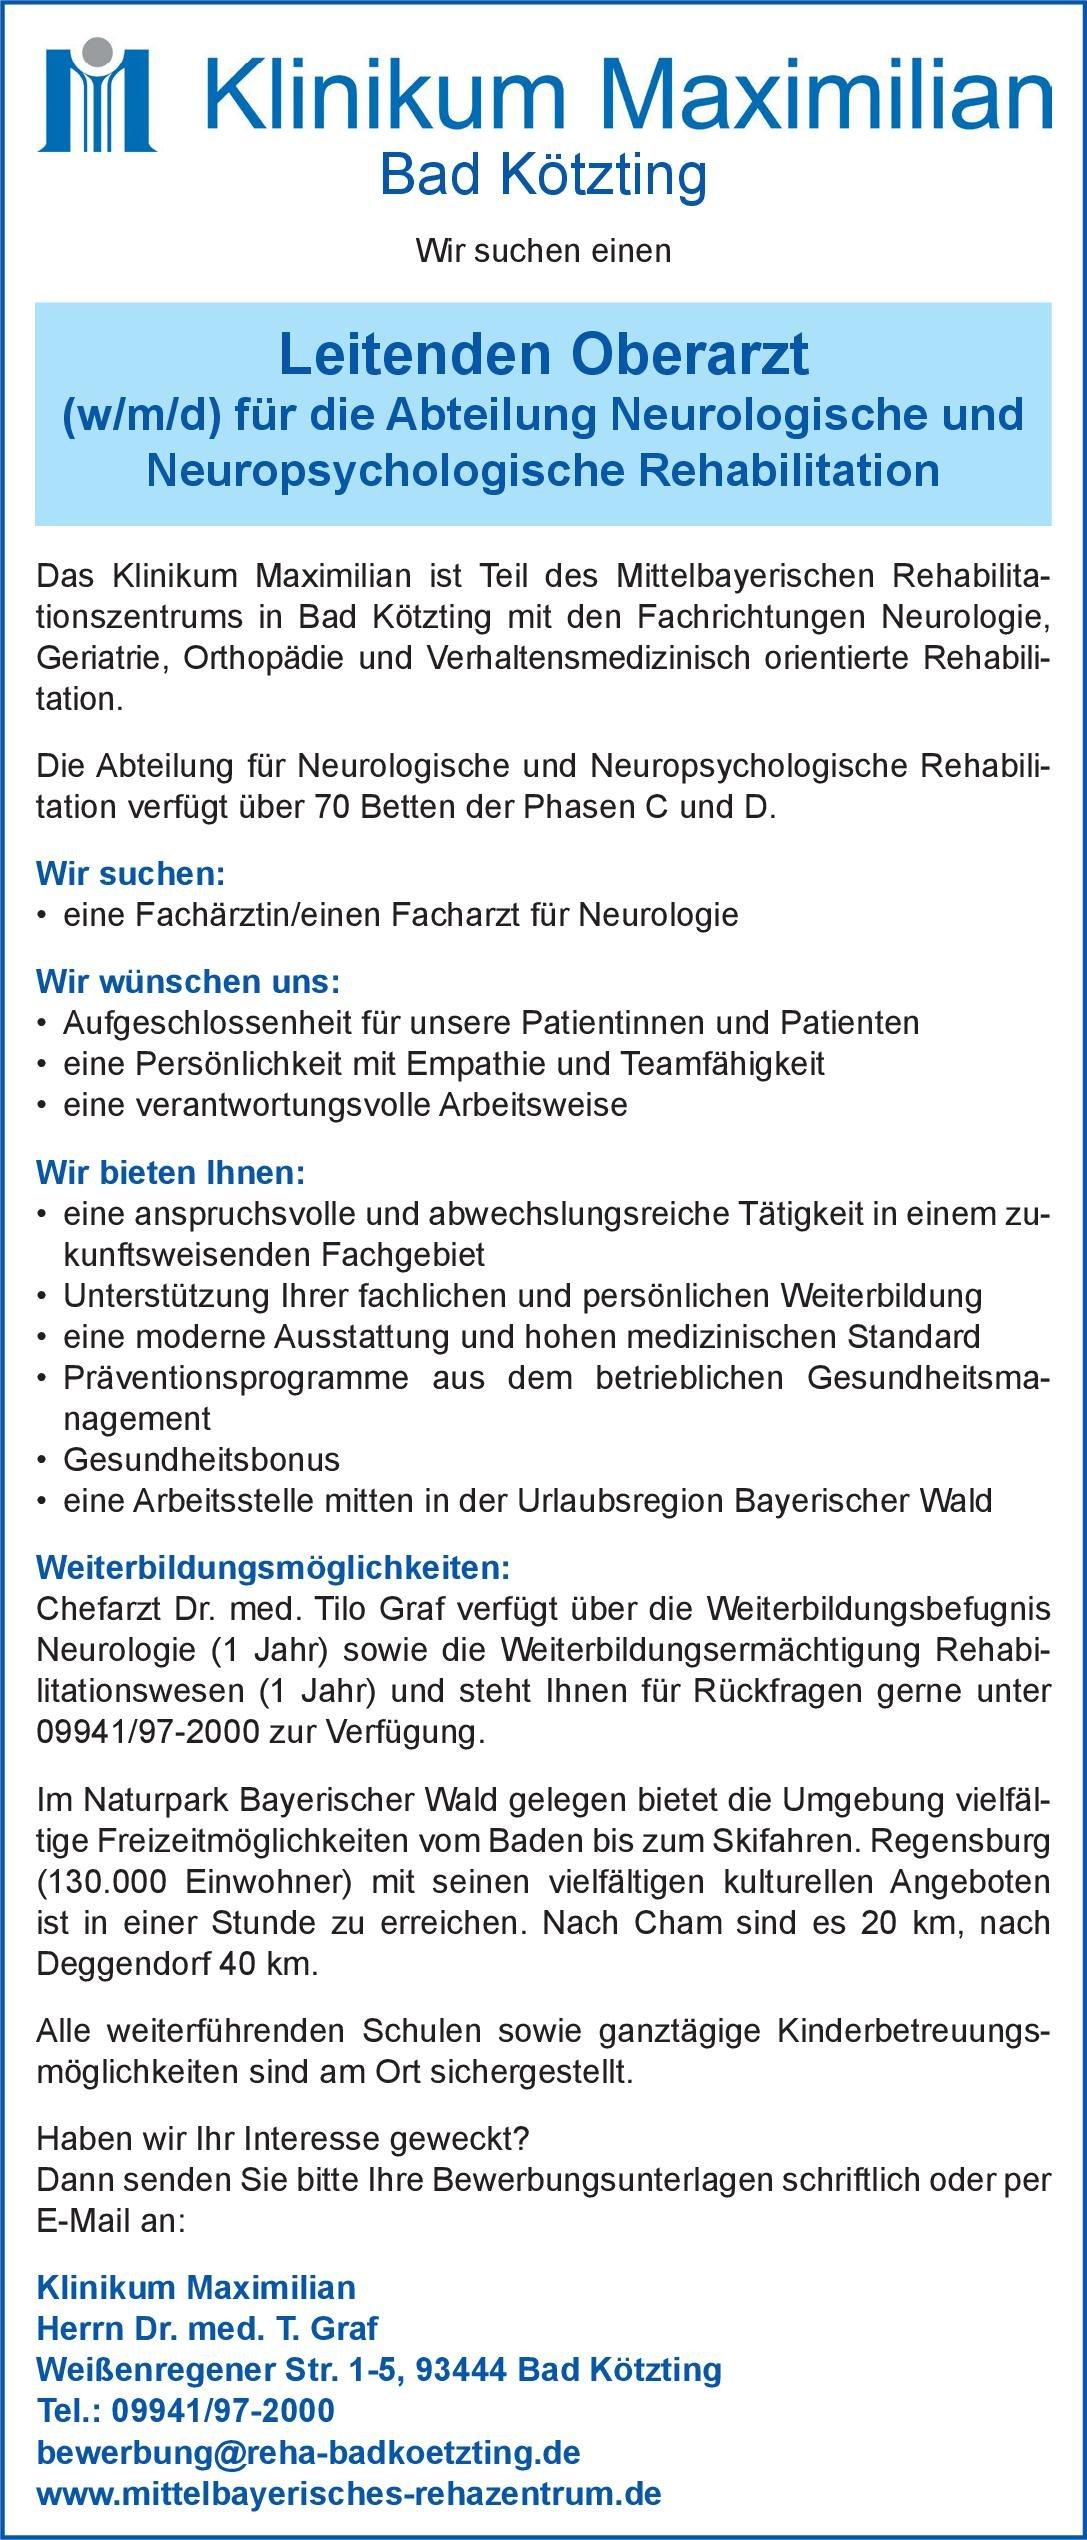 Klinikum Maximilian Leitender Oberarzt(w/m/d) für die Abteilung Neurologische und Neuropsychologische Rehabilitation Neurologie Oberarzt